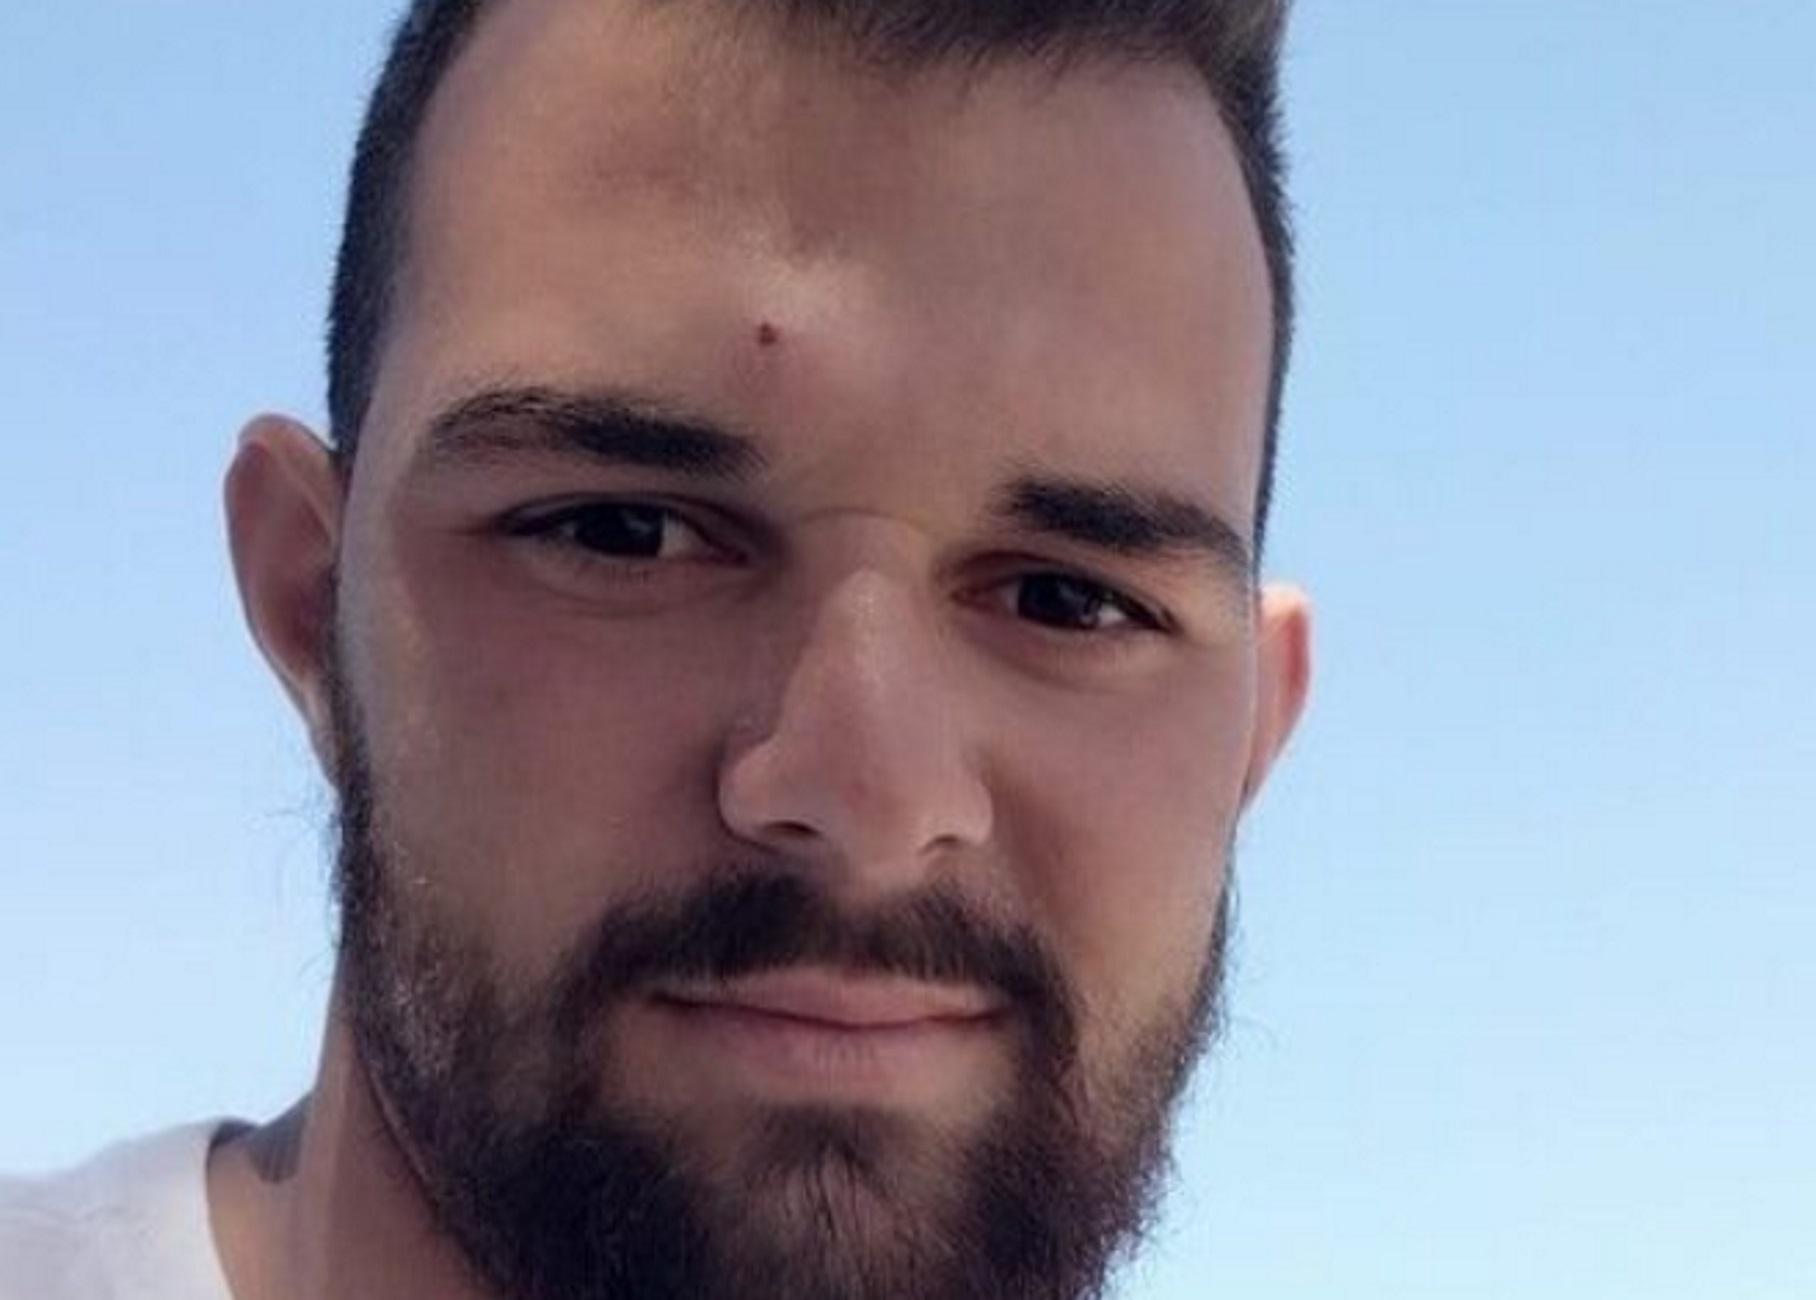 Λουτράκι: Νεκρός σε τροχαίο ο Παναγιώτης Ξηρός – Σκοτώθηκε με τη μηχανή που ήθελε να αγοράσει